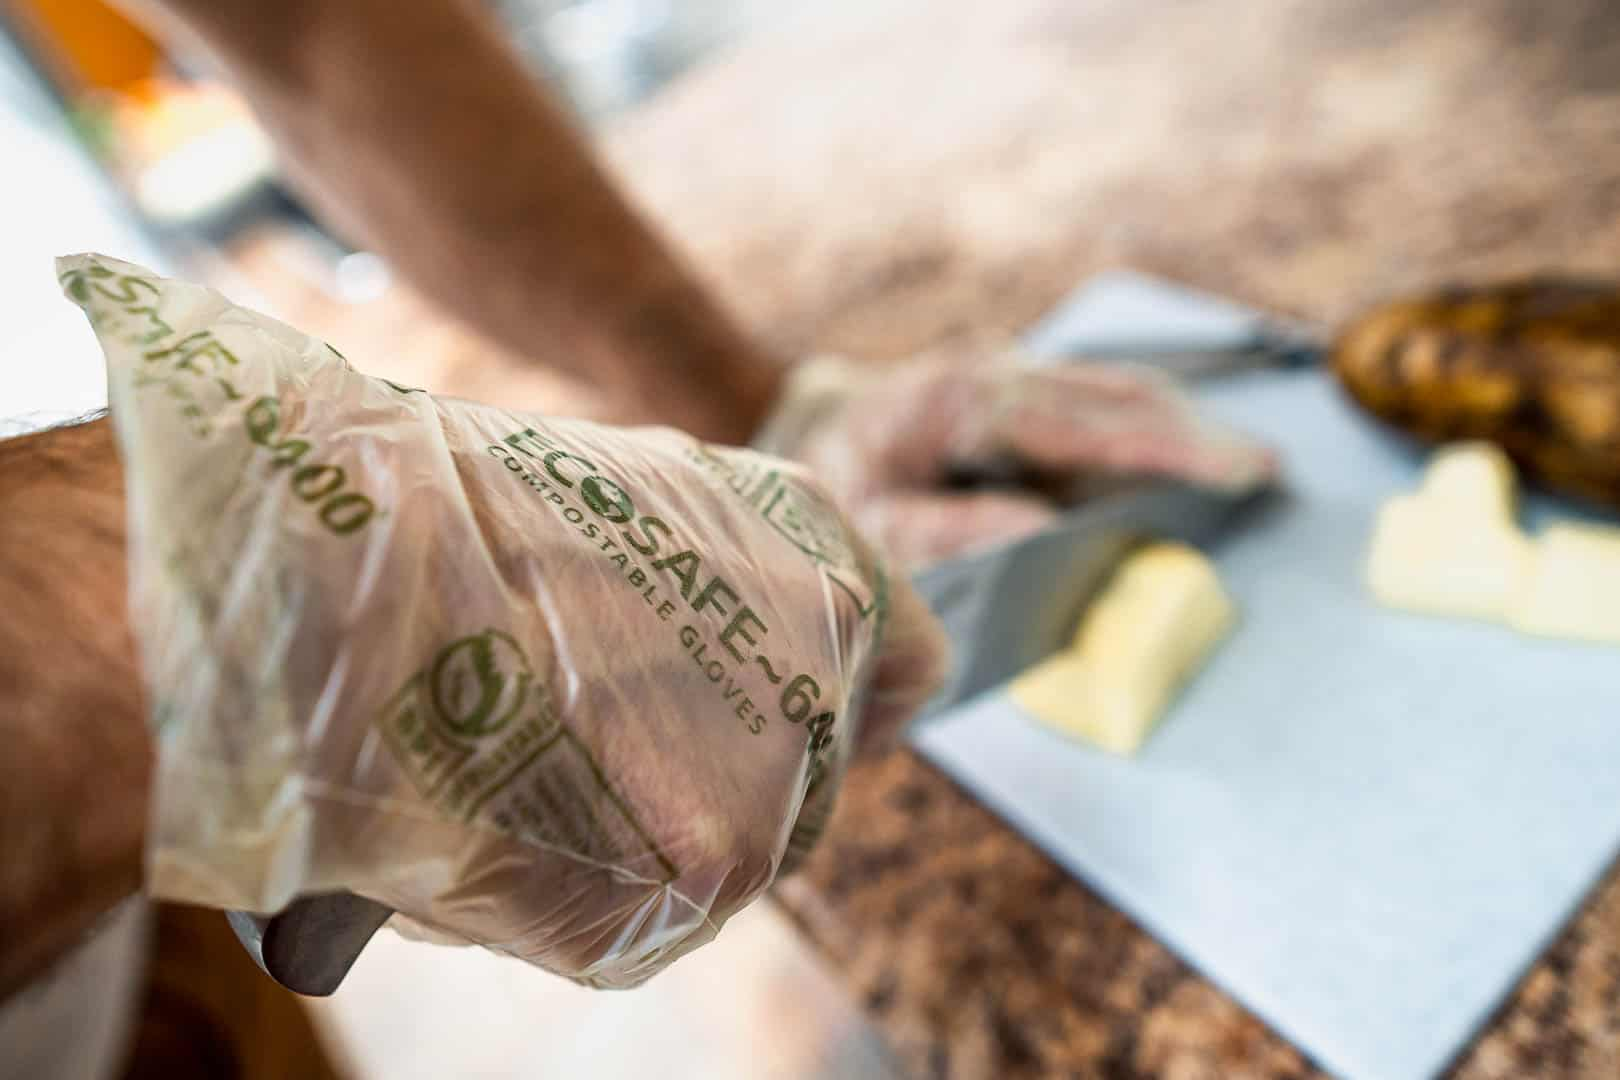 Ecosafe Green   Zero waste - chopping food on a cutting board